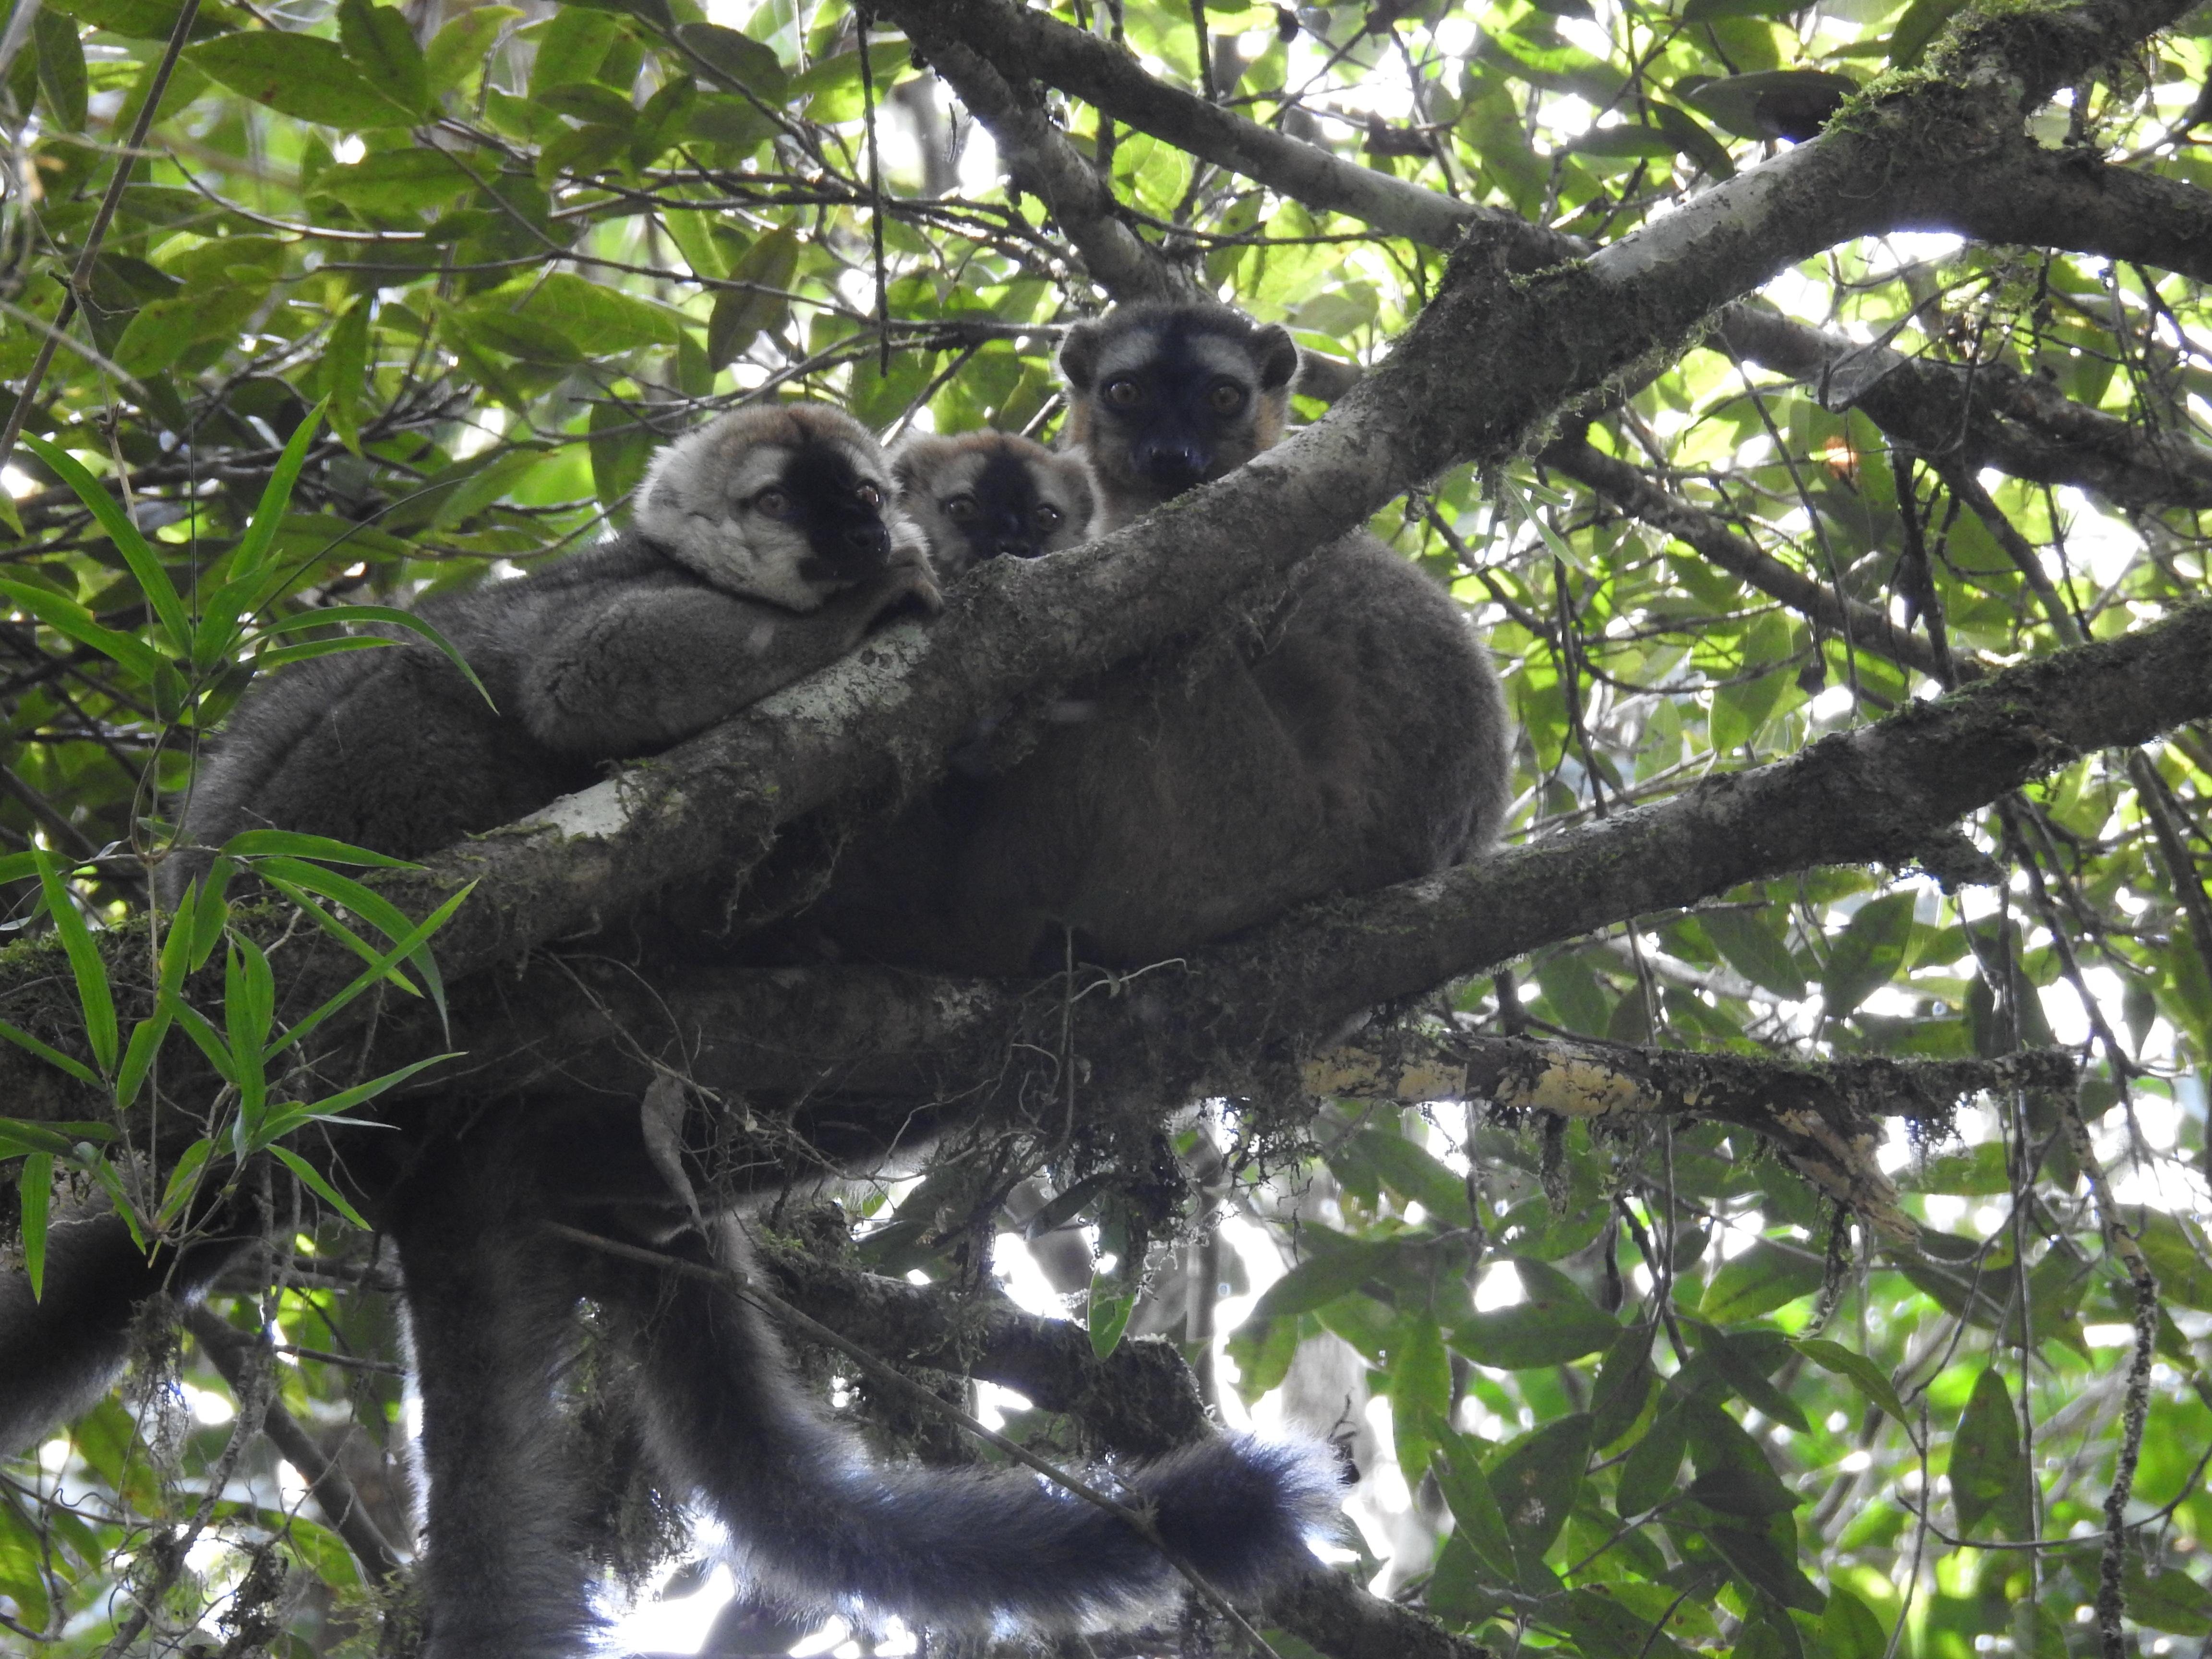 kuschelnde Lemuren hoch in den Bäumen im Nationalpark Ranomafana